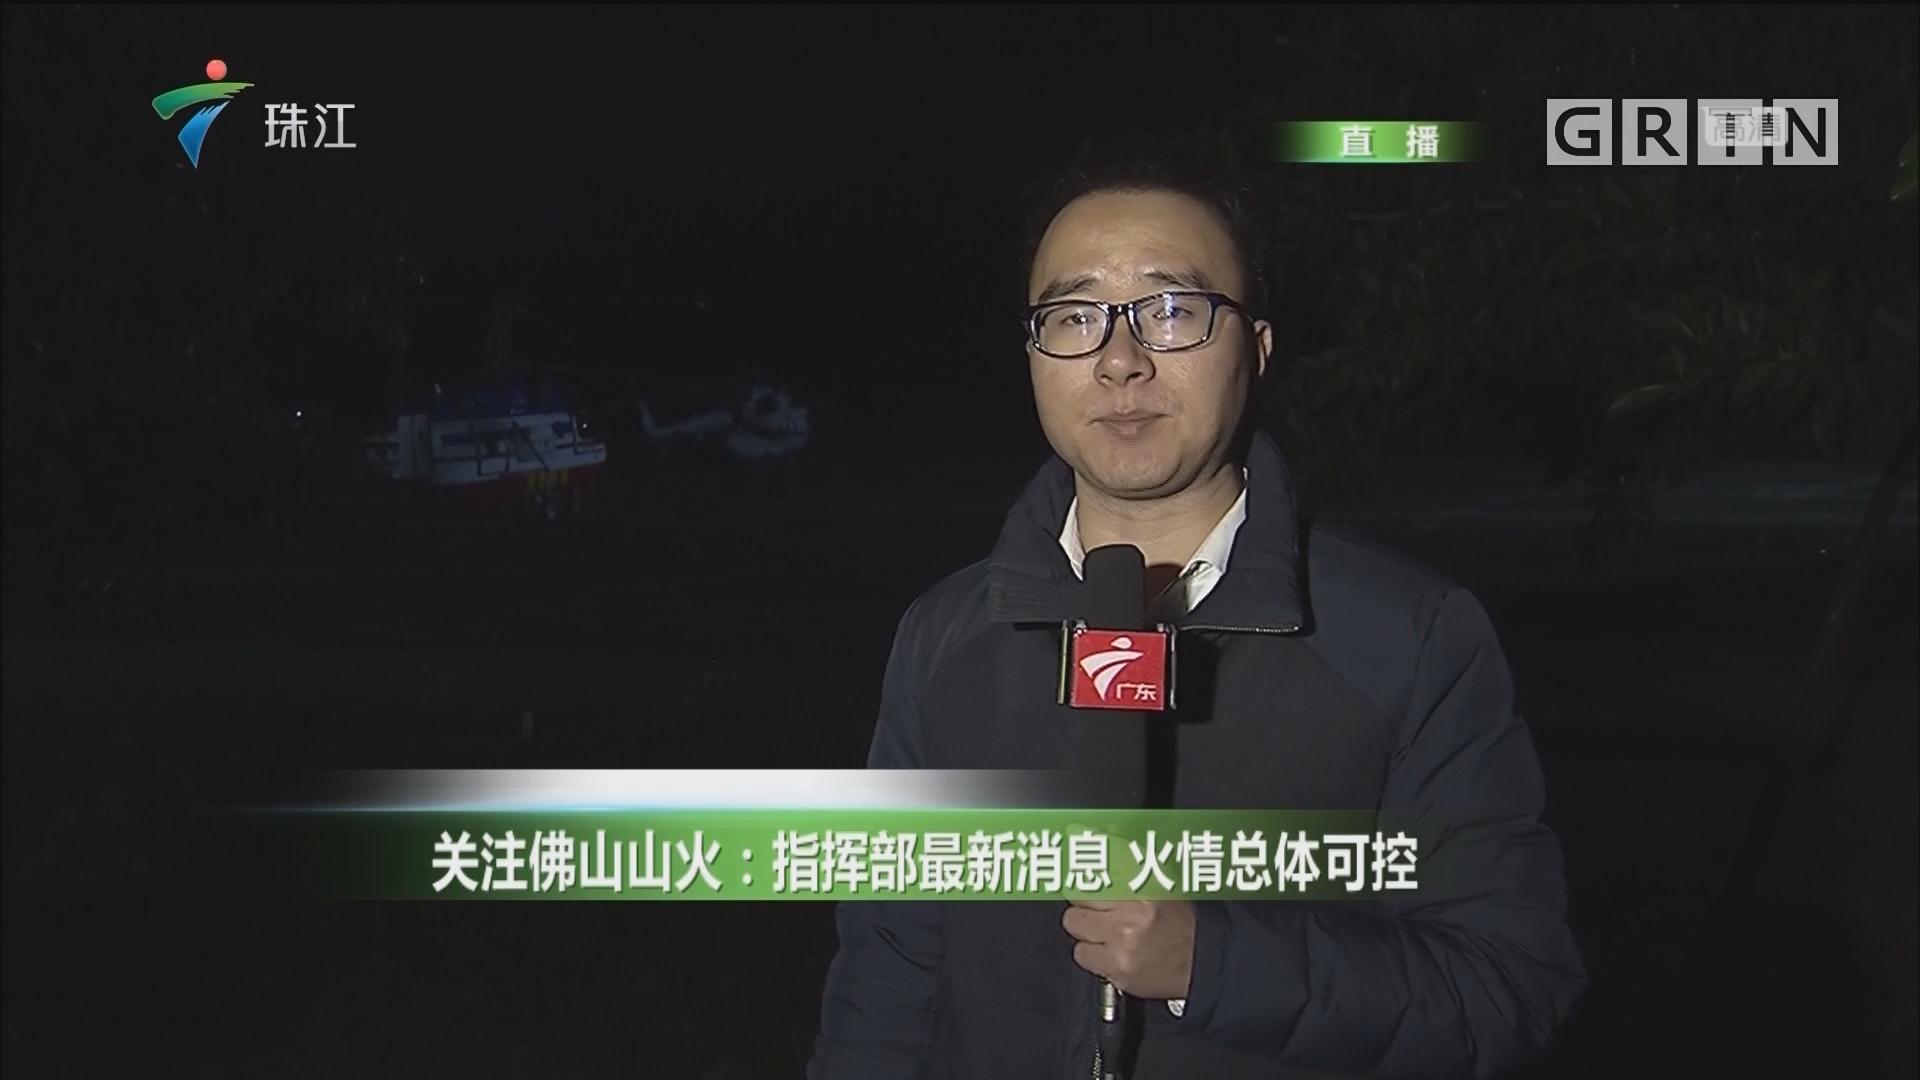 关注佛山山火:指挥部最新消息 火情总体可控